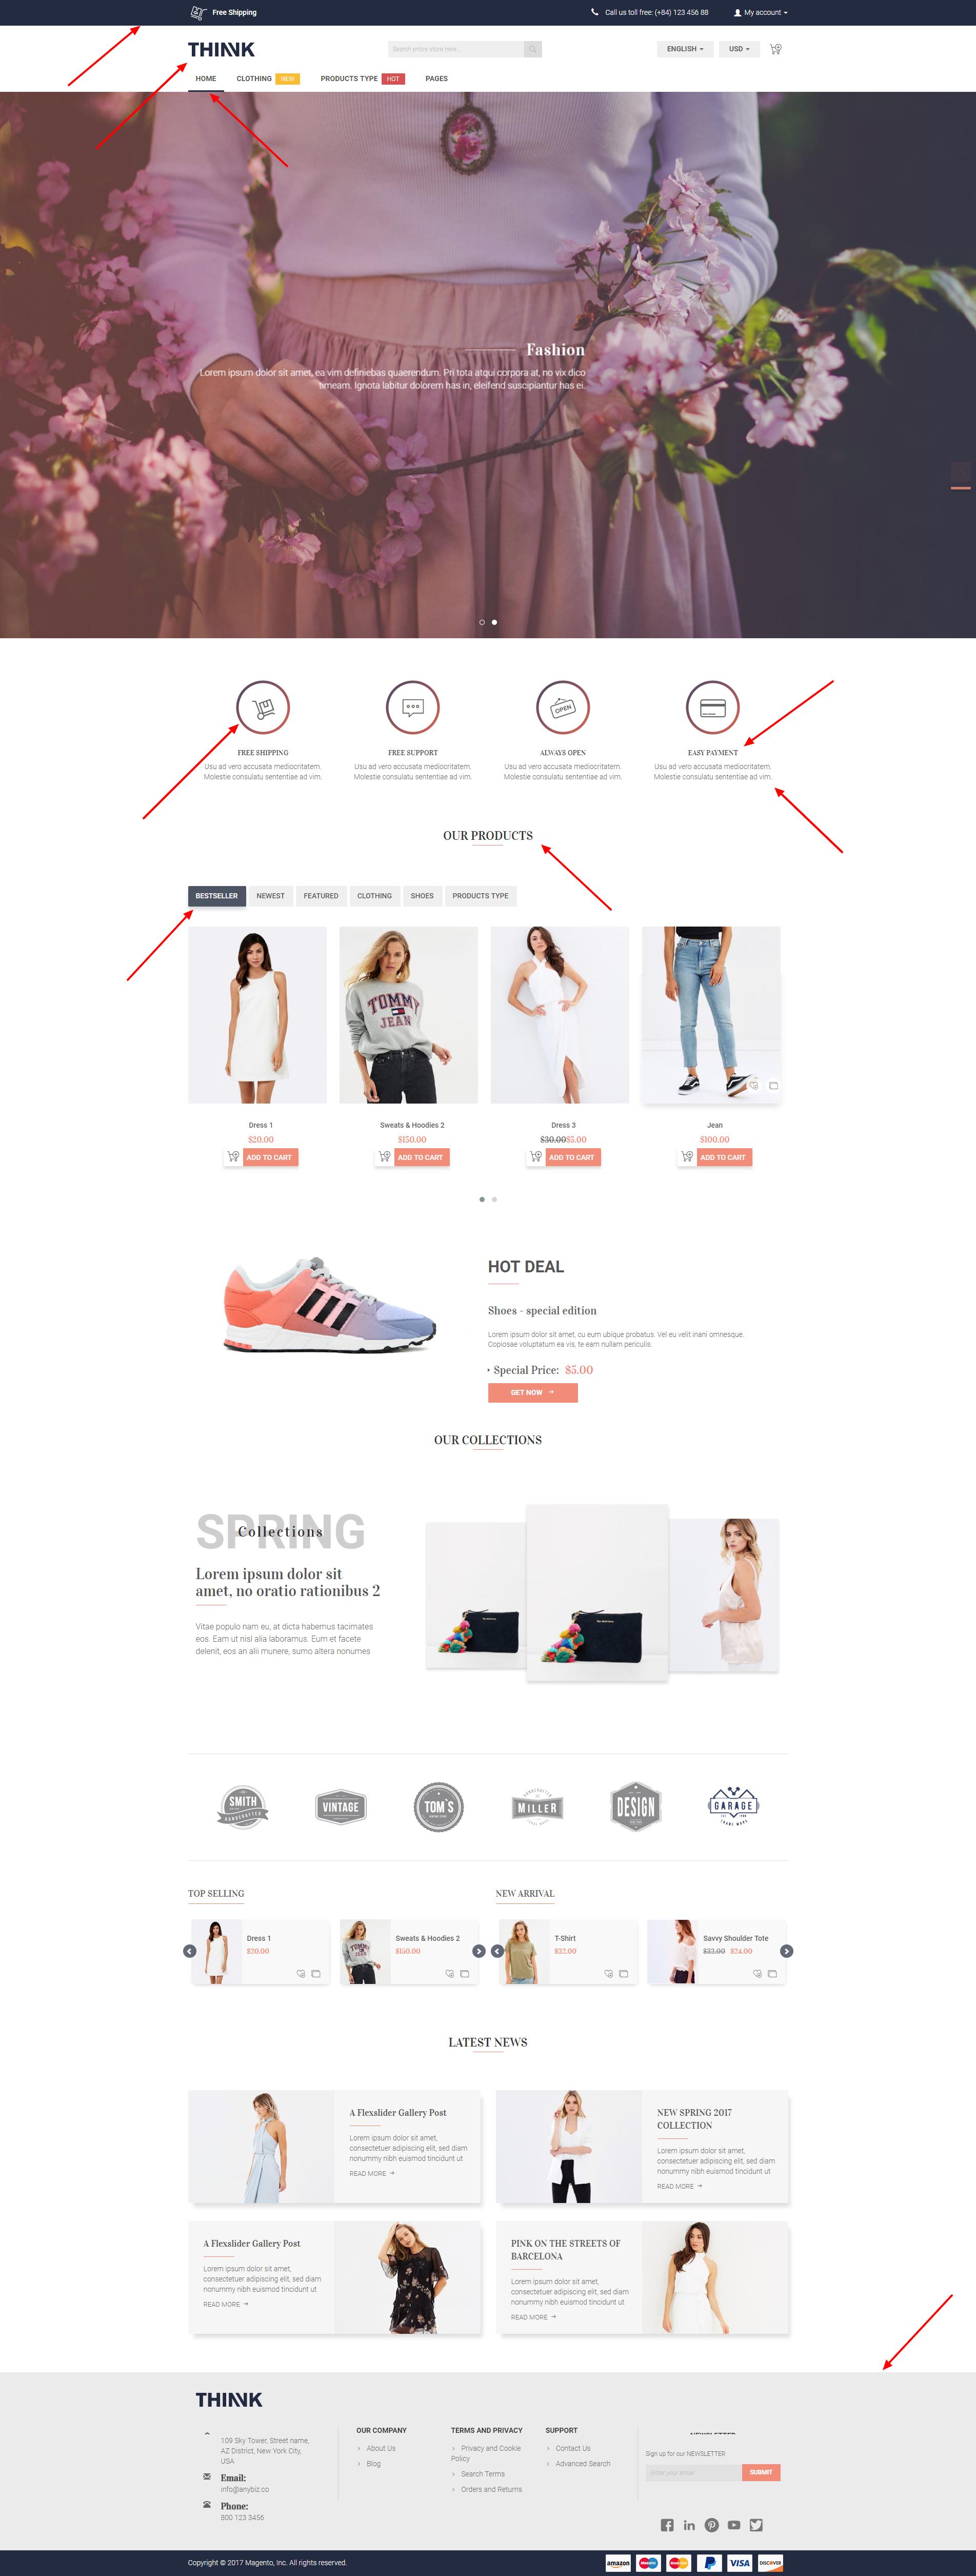 example color configuration in choosing premium Magento 2 theme design